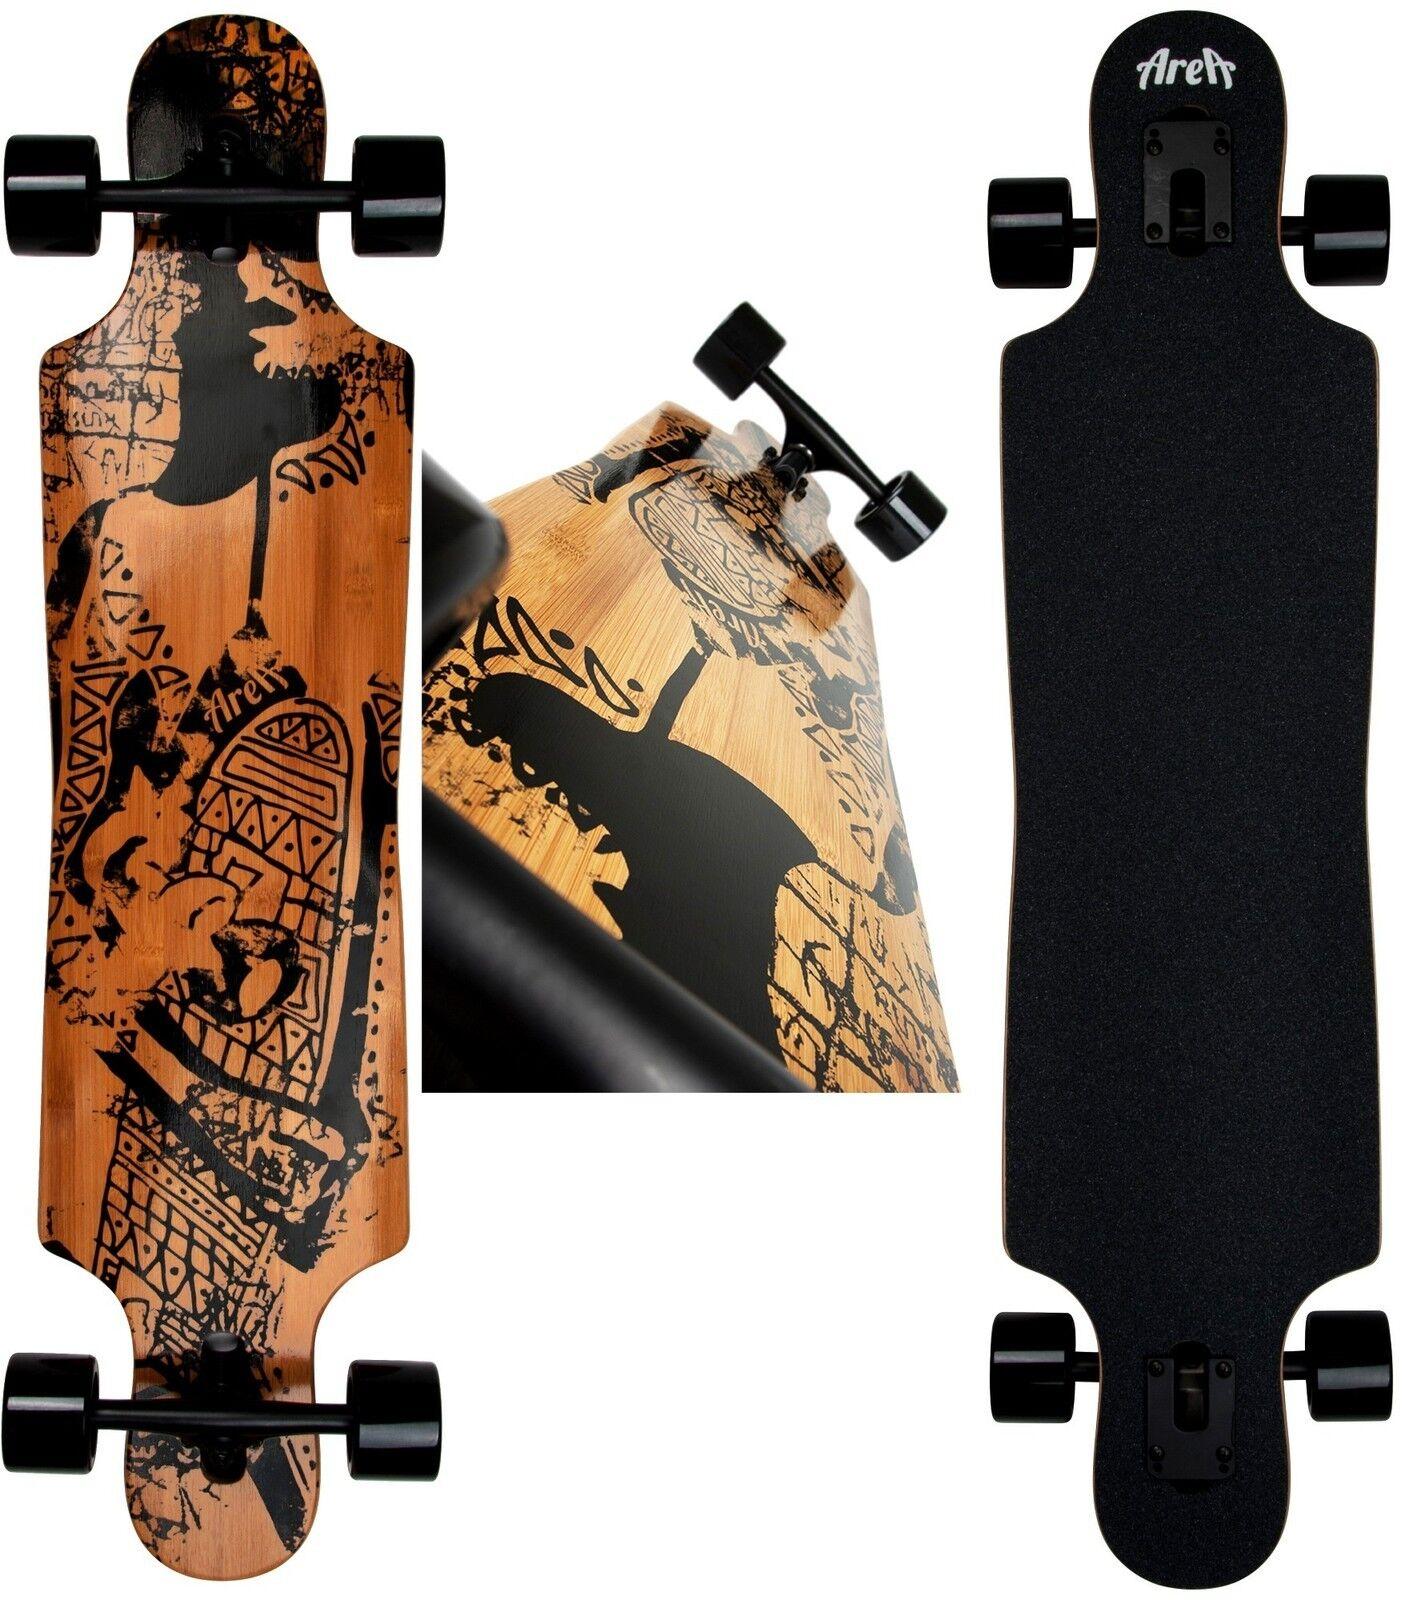 Longboard Skateboard AREA Tribal Curve Modell  Skateboard Longboard Neu 75c788